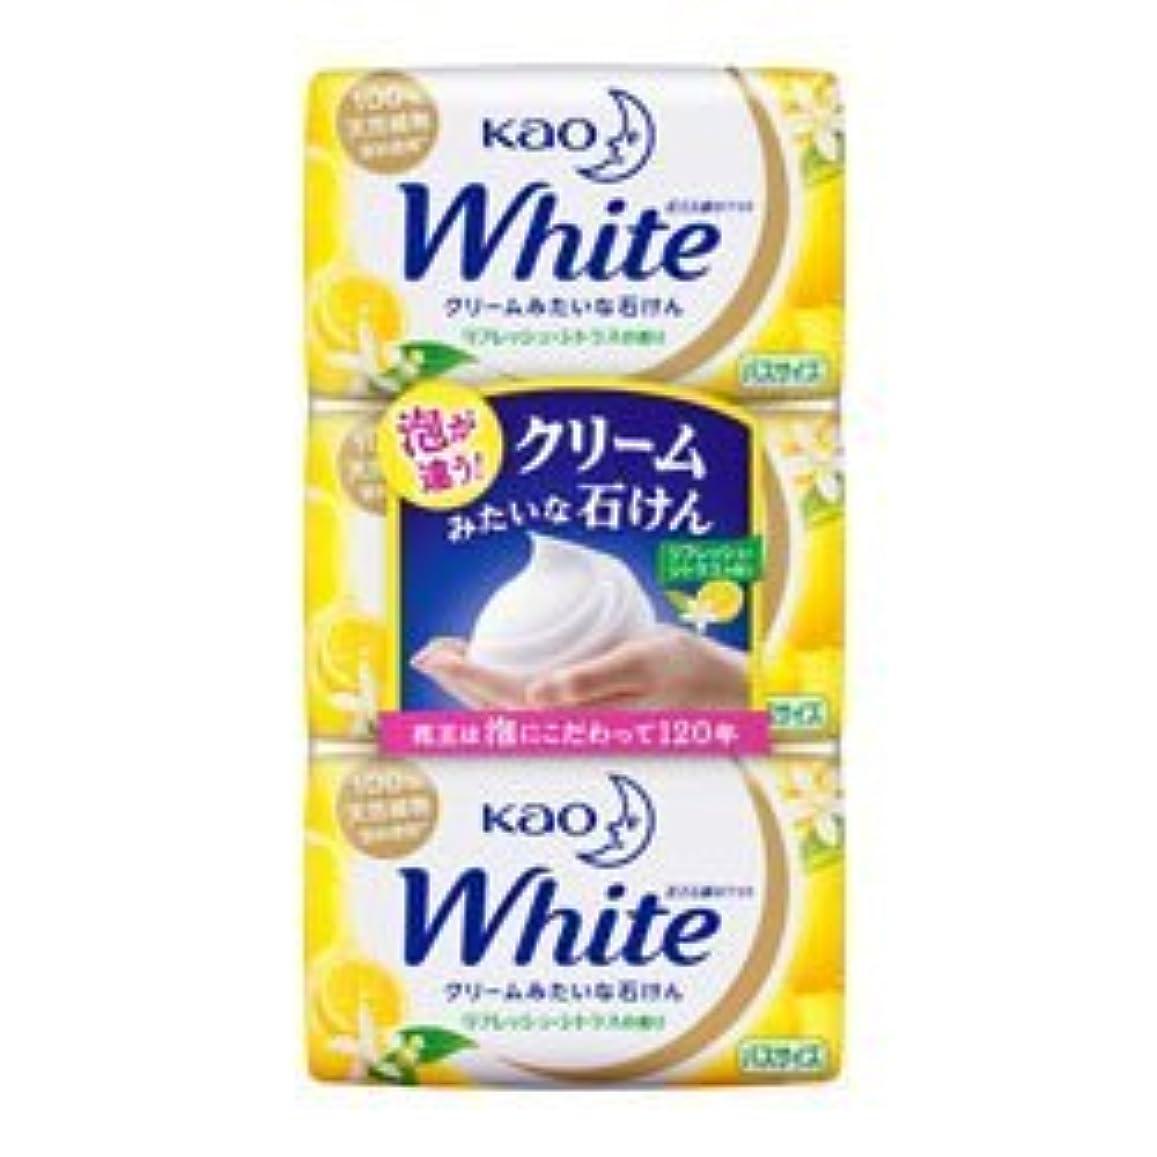 ご飯しかし観光【花王】ホワイト リフレッシュ?シトラスの香り バスサイズ 130g×3個入 ×3個セット